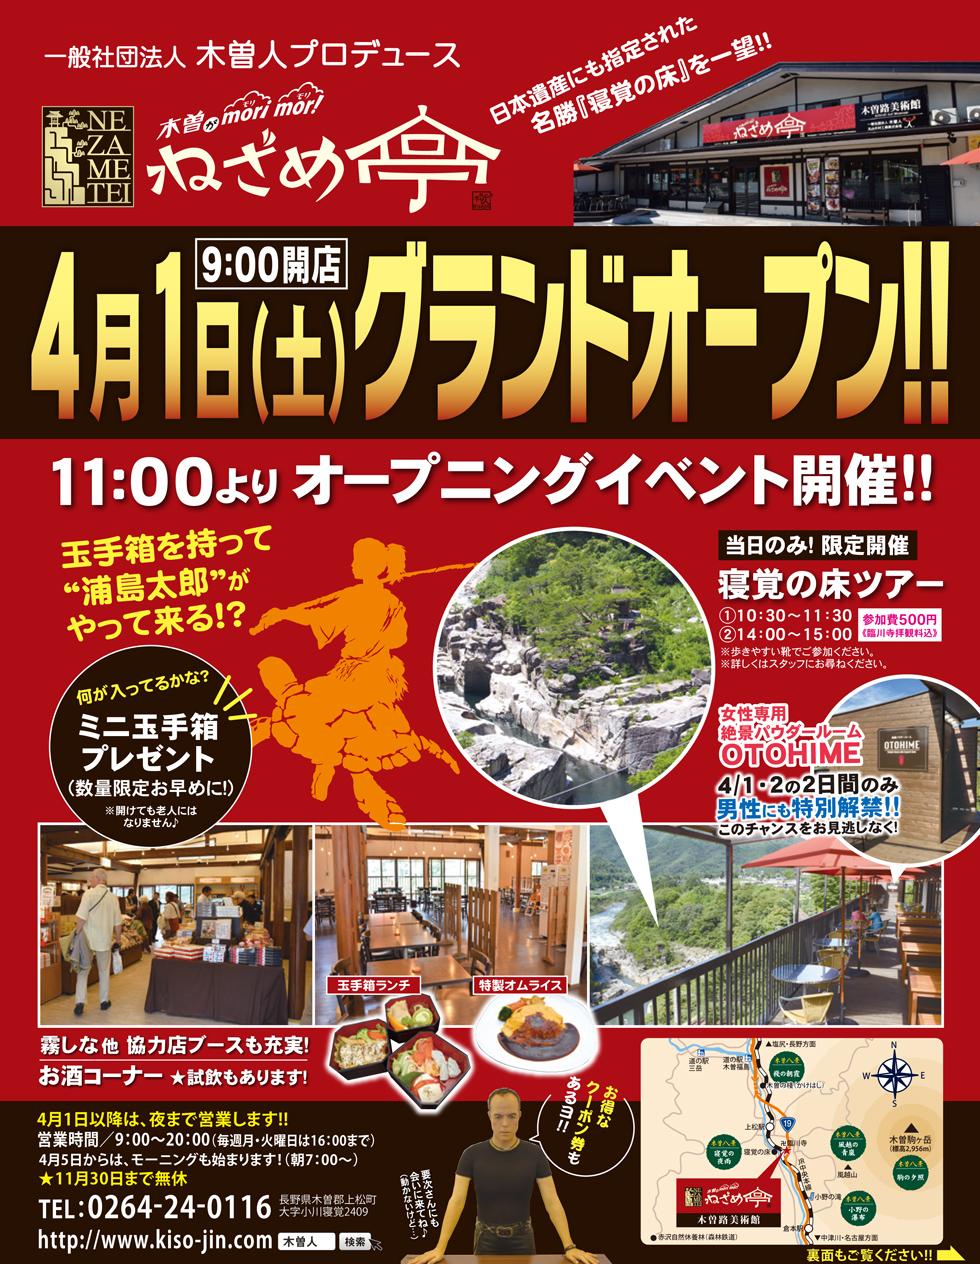 4月1日(土)ねざめ亭グランドオープン!